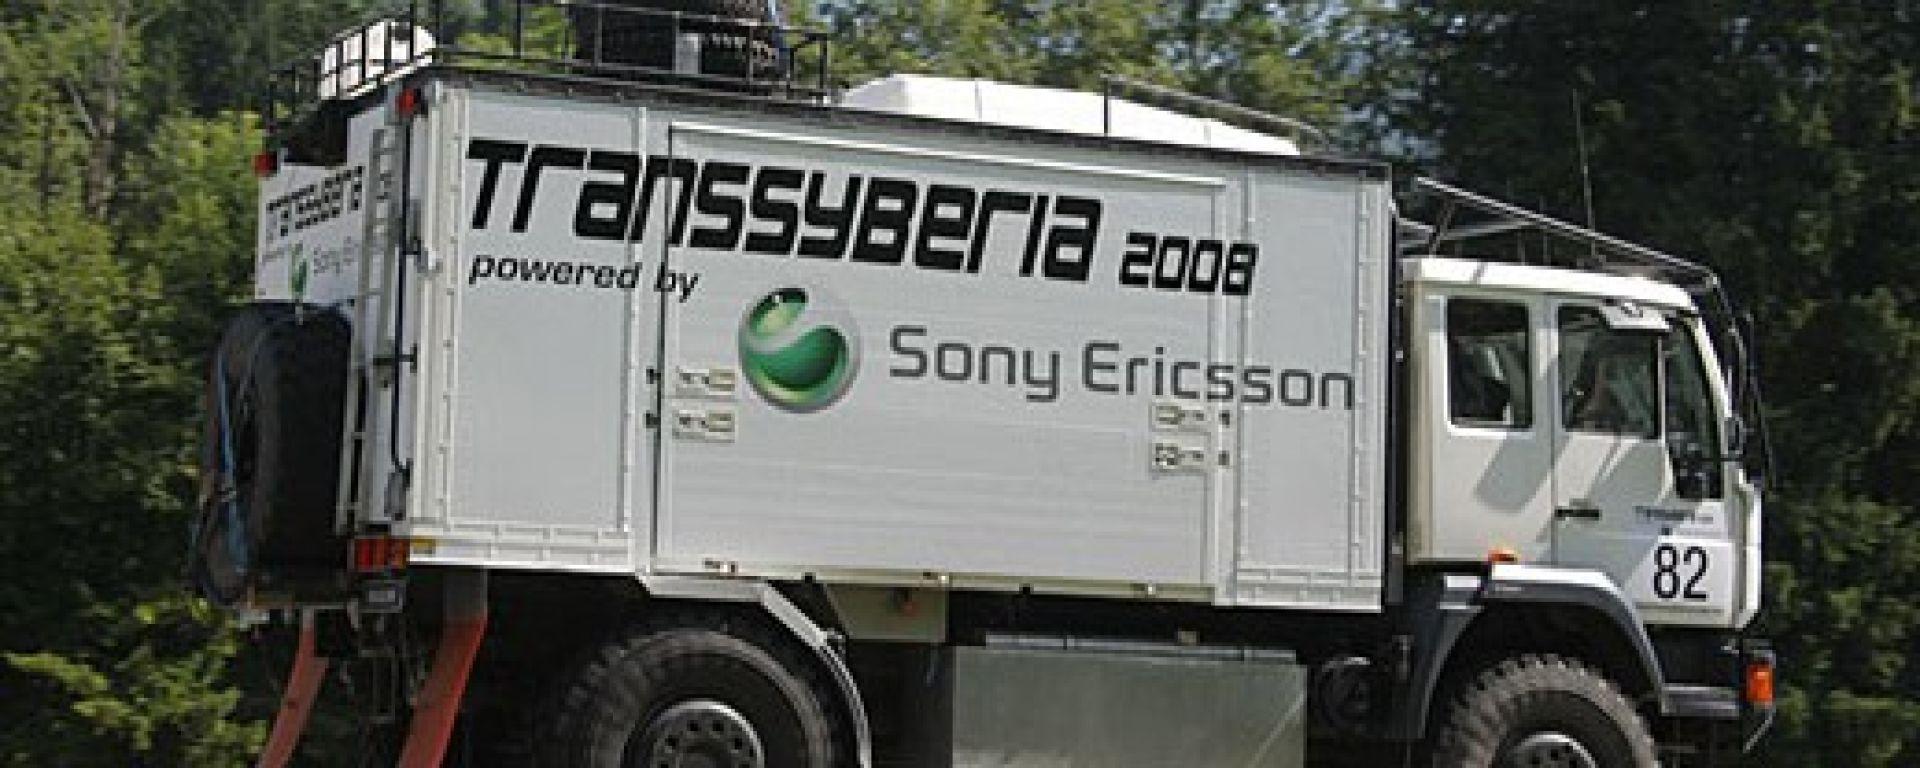 Transsyberia Rally 2008: il percorso